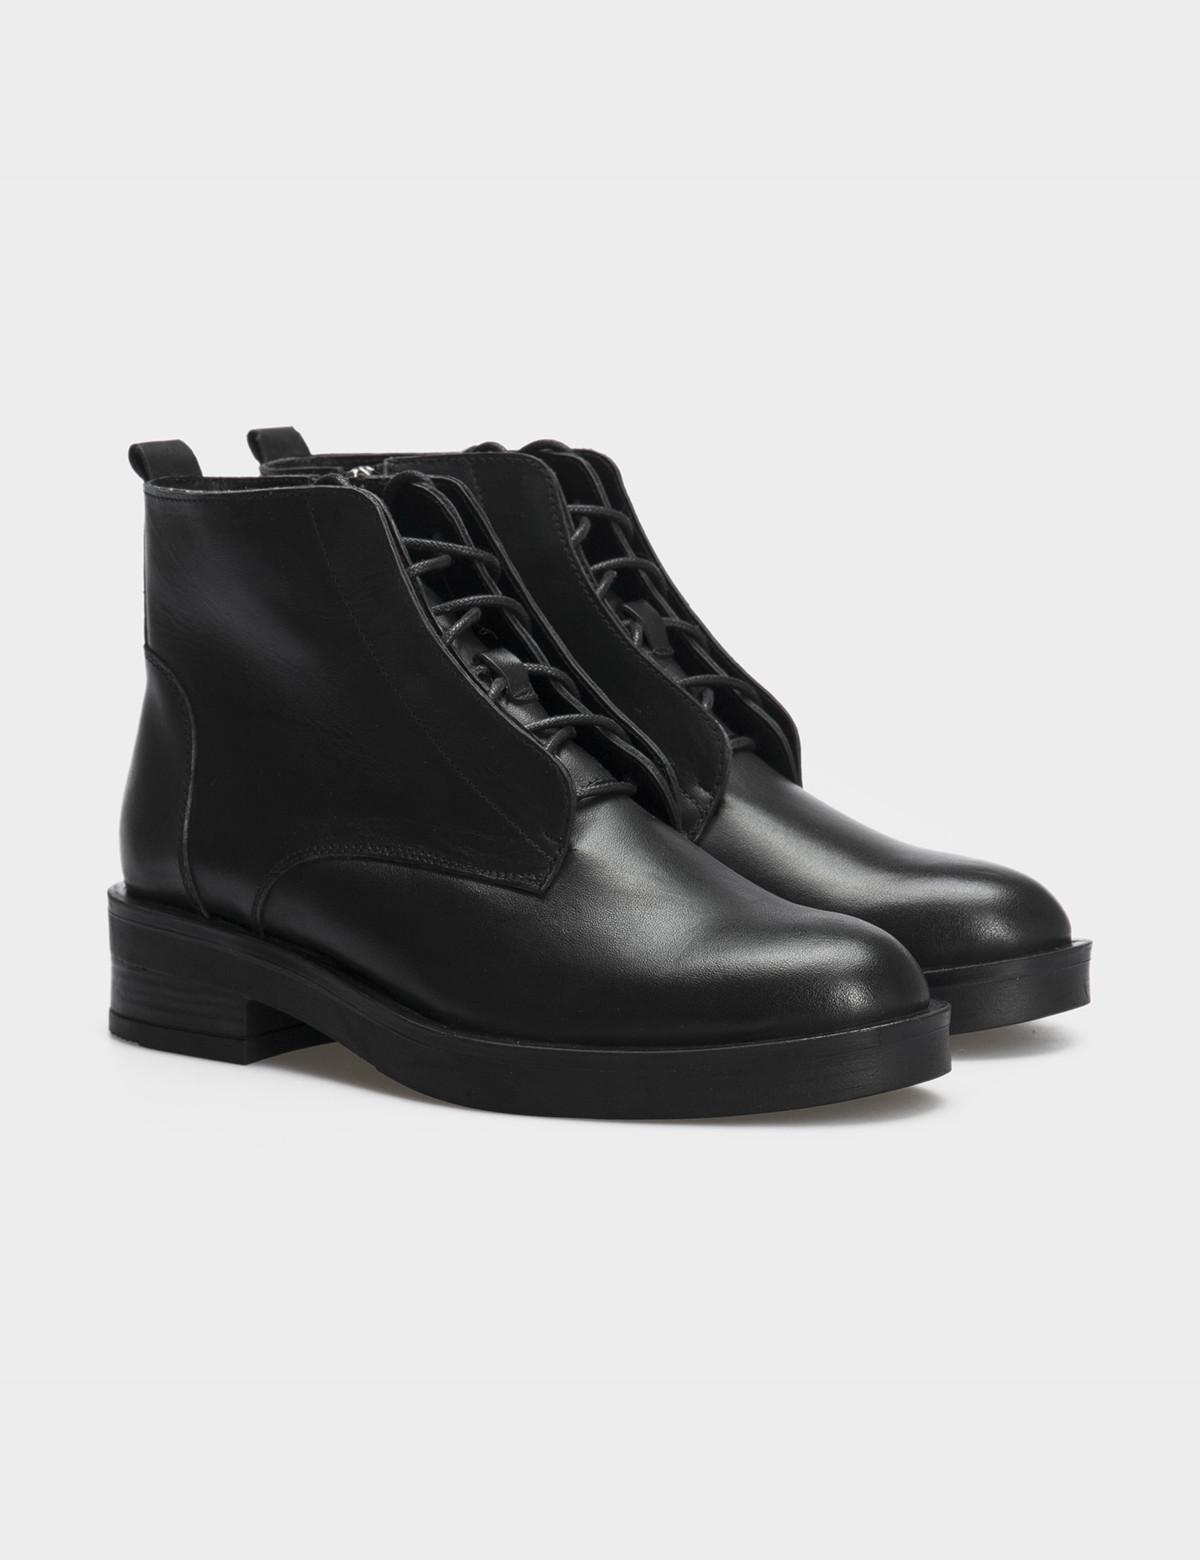 Ботинки черные натуральная кожа. Шерсть 1